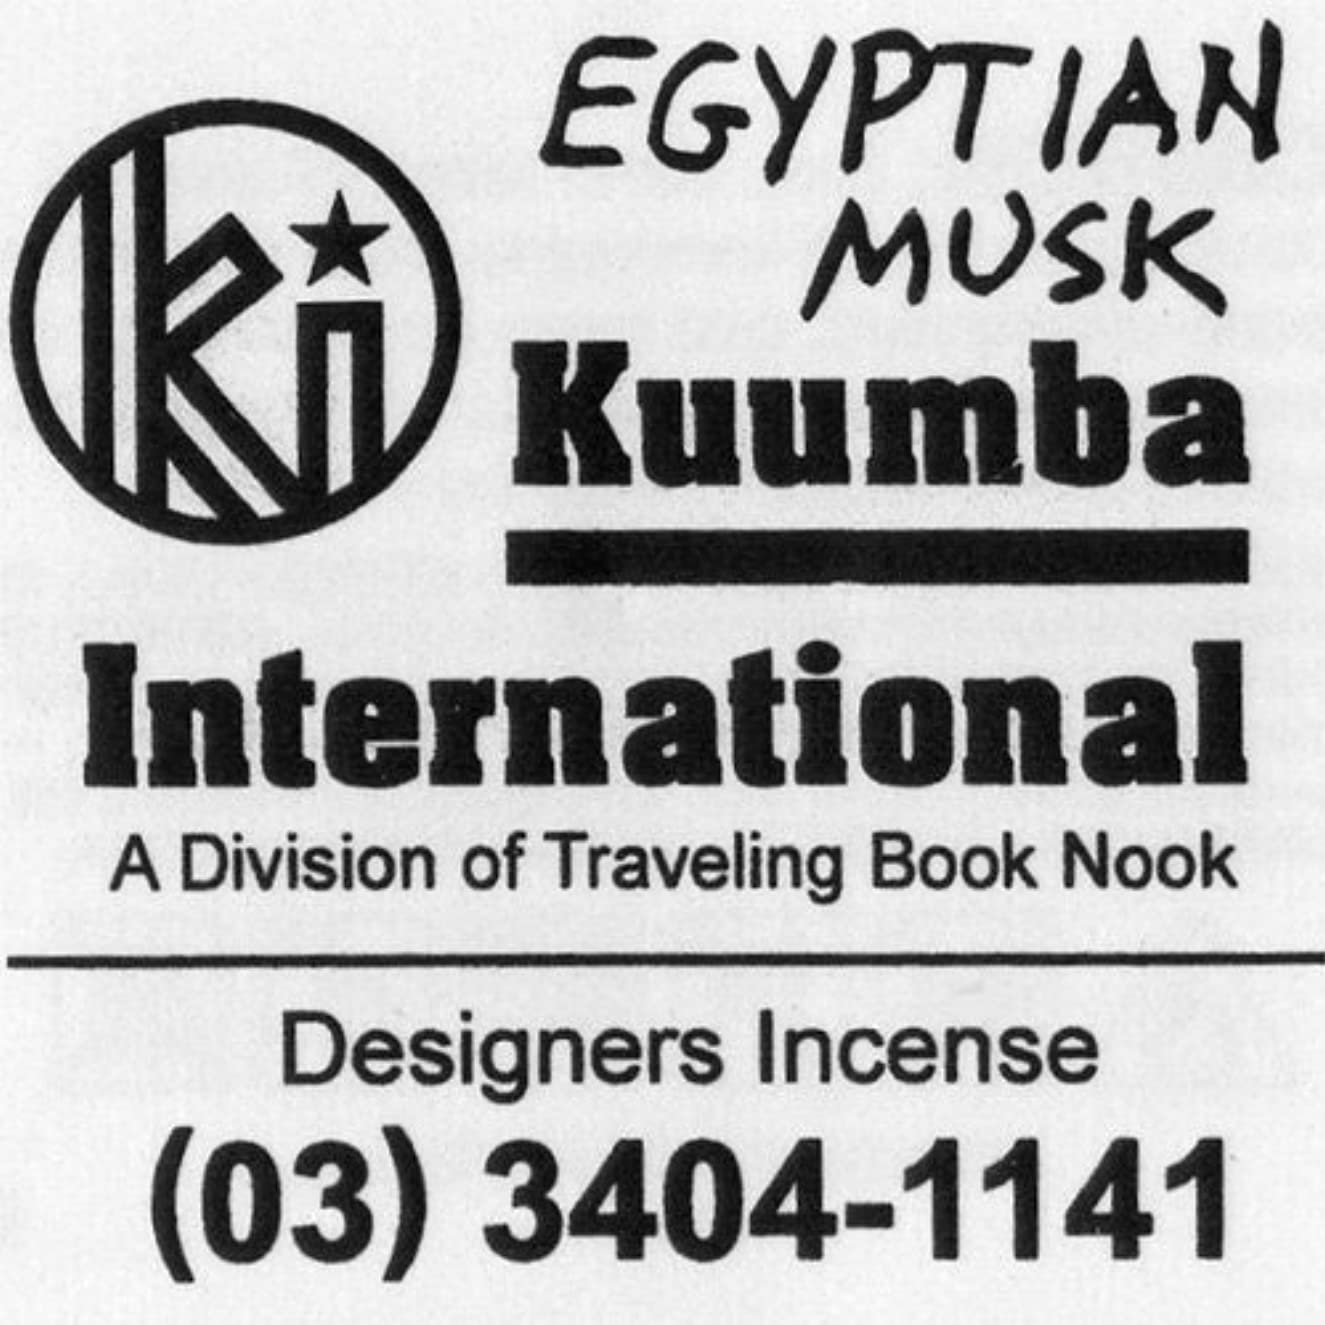 薬理学ドラマソートKUUMBA / クンバ『incense』(EGYPTIAN MUSK) (Regular size)